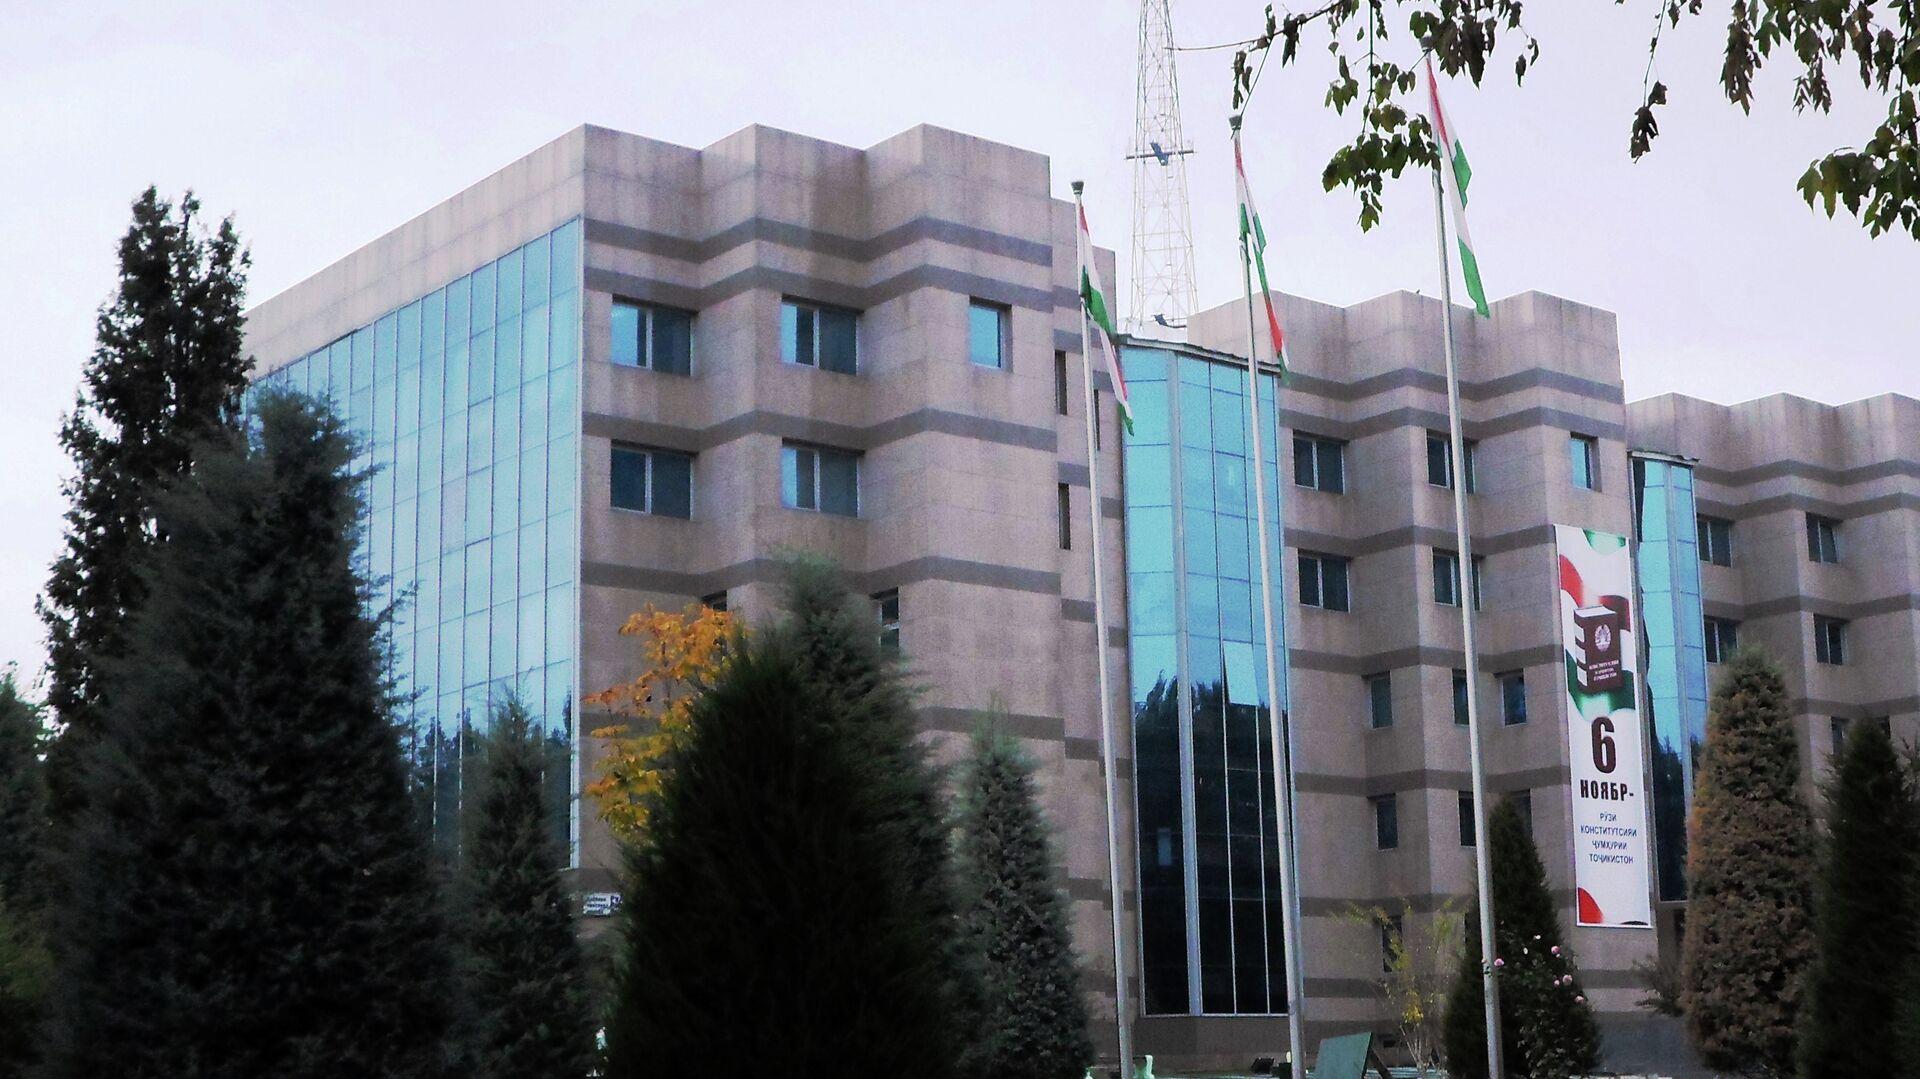 Национальный банк Таджикистана, архивное фото - Sputnik Таджикистан, 1920, 24.09.2021